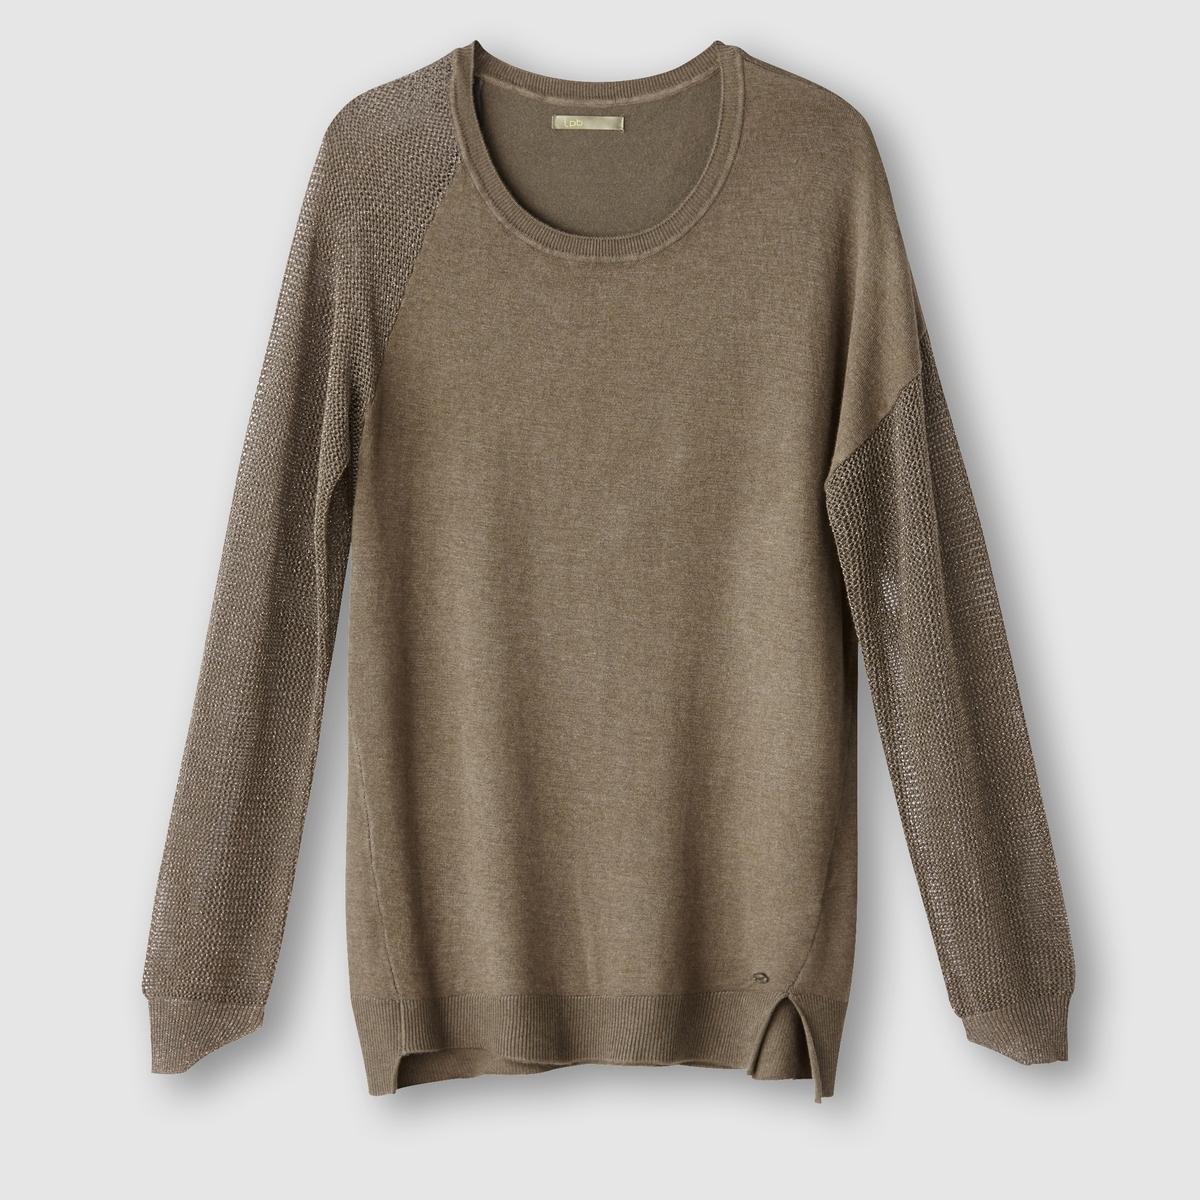 Пуловер с круглым воротникомСостав и описаниеМатериал: 78% вискозы, 19% нейлона, 3% эластана.Марка: LES PTITES BOMBES.<br><br>Цвет: хаки,черный